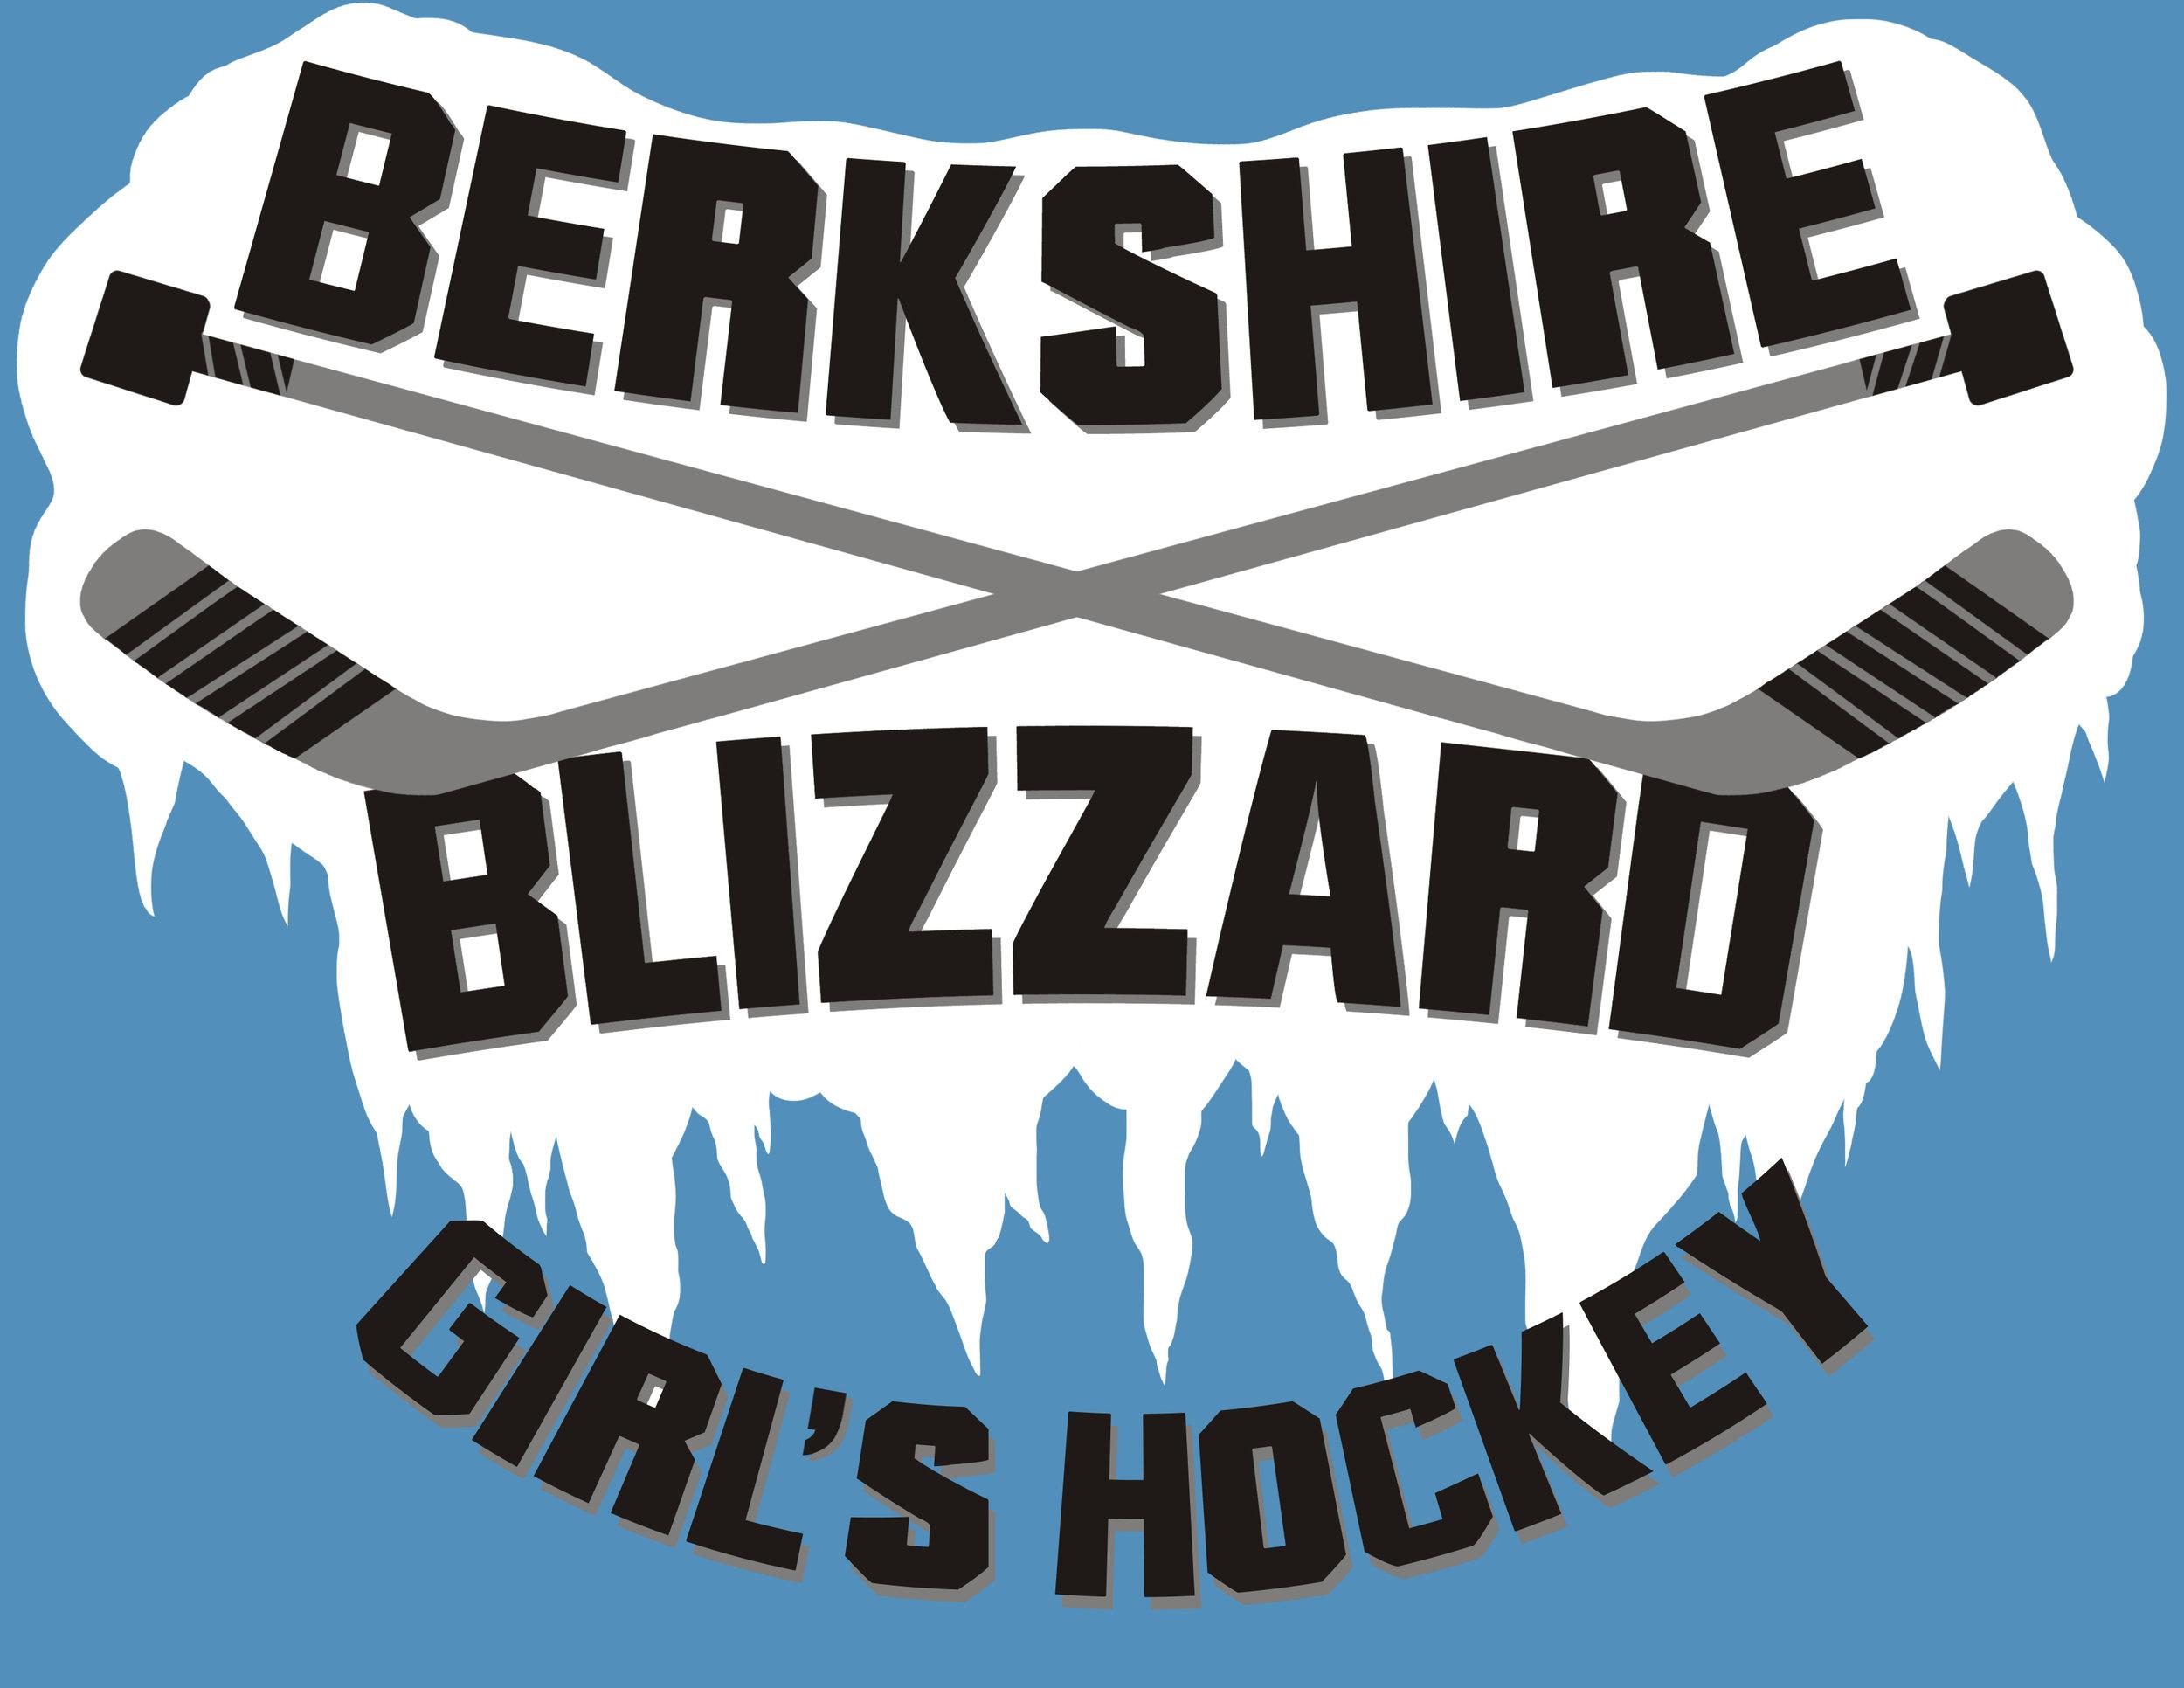 merchandise_hockey_logo_FINAL_V2_4.jpg